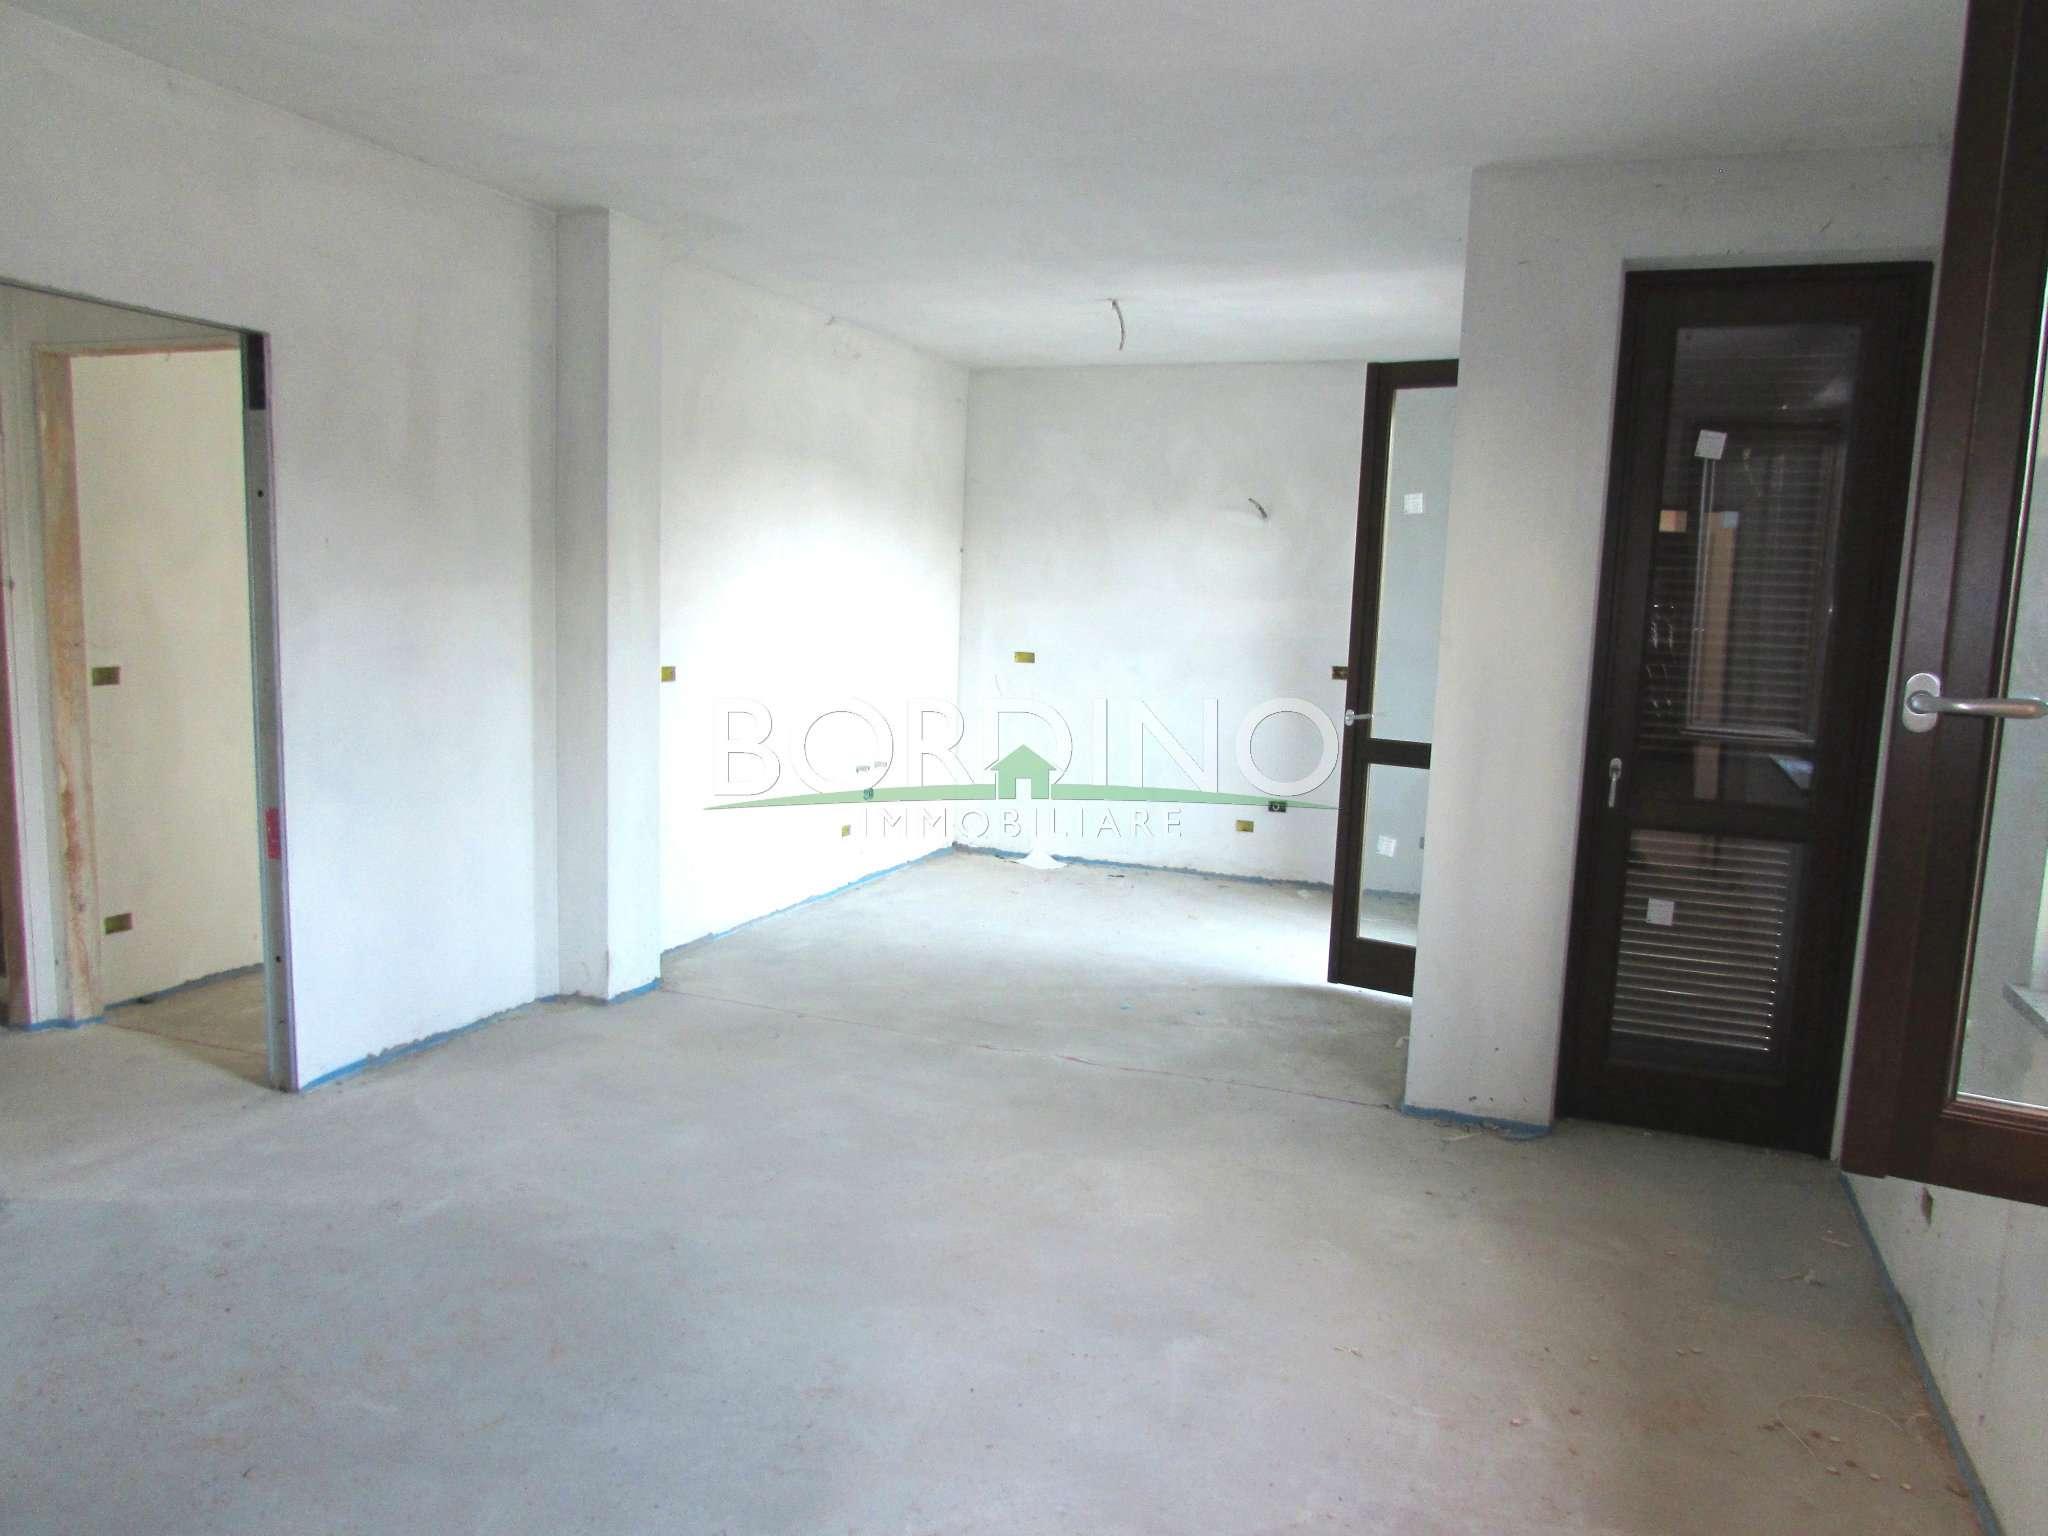 Appartamento in vendita a Monteu Roero, 4 locali, prezzo € 170.000 | CambioCasa.it